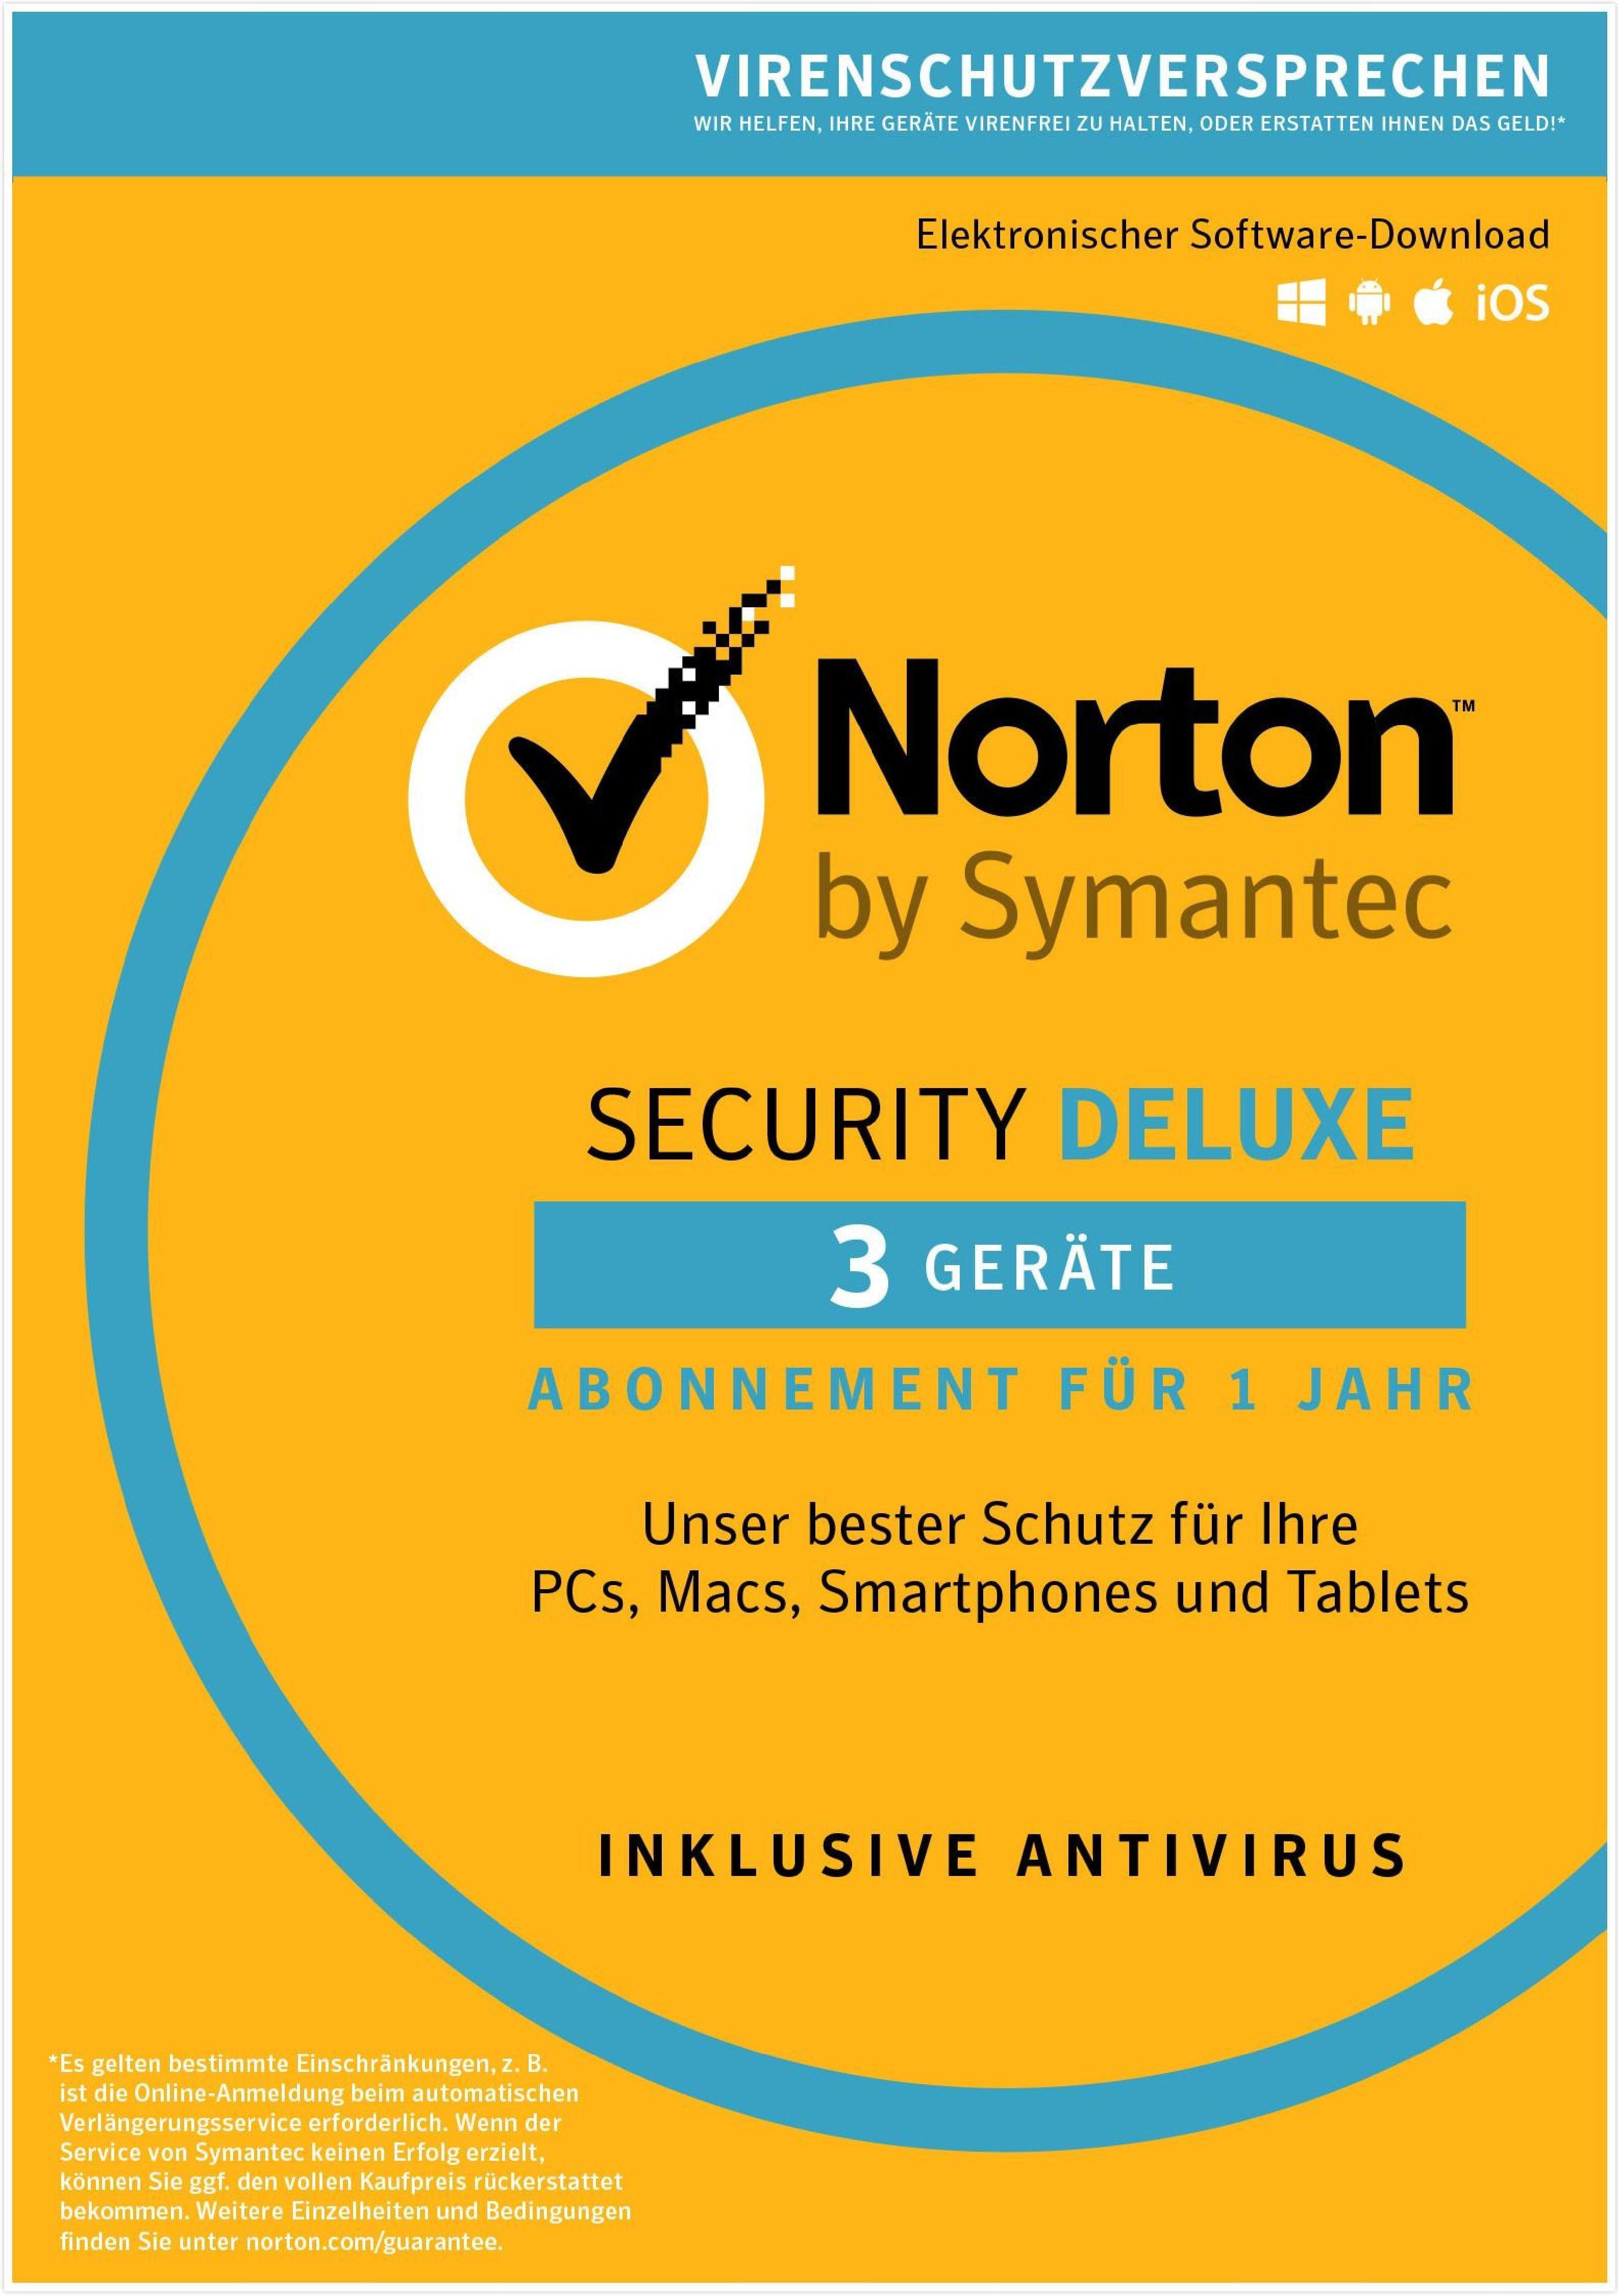 Norton Norton Security Deluxe Antivirus Software 2018 »1 Benutzer, 3 Geräte«